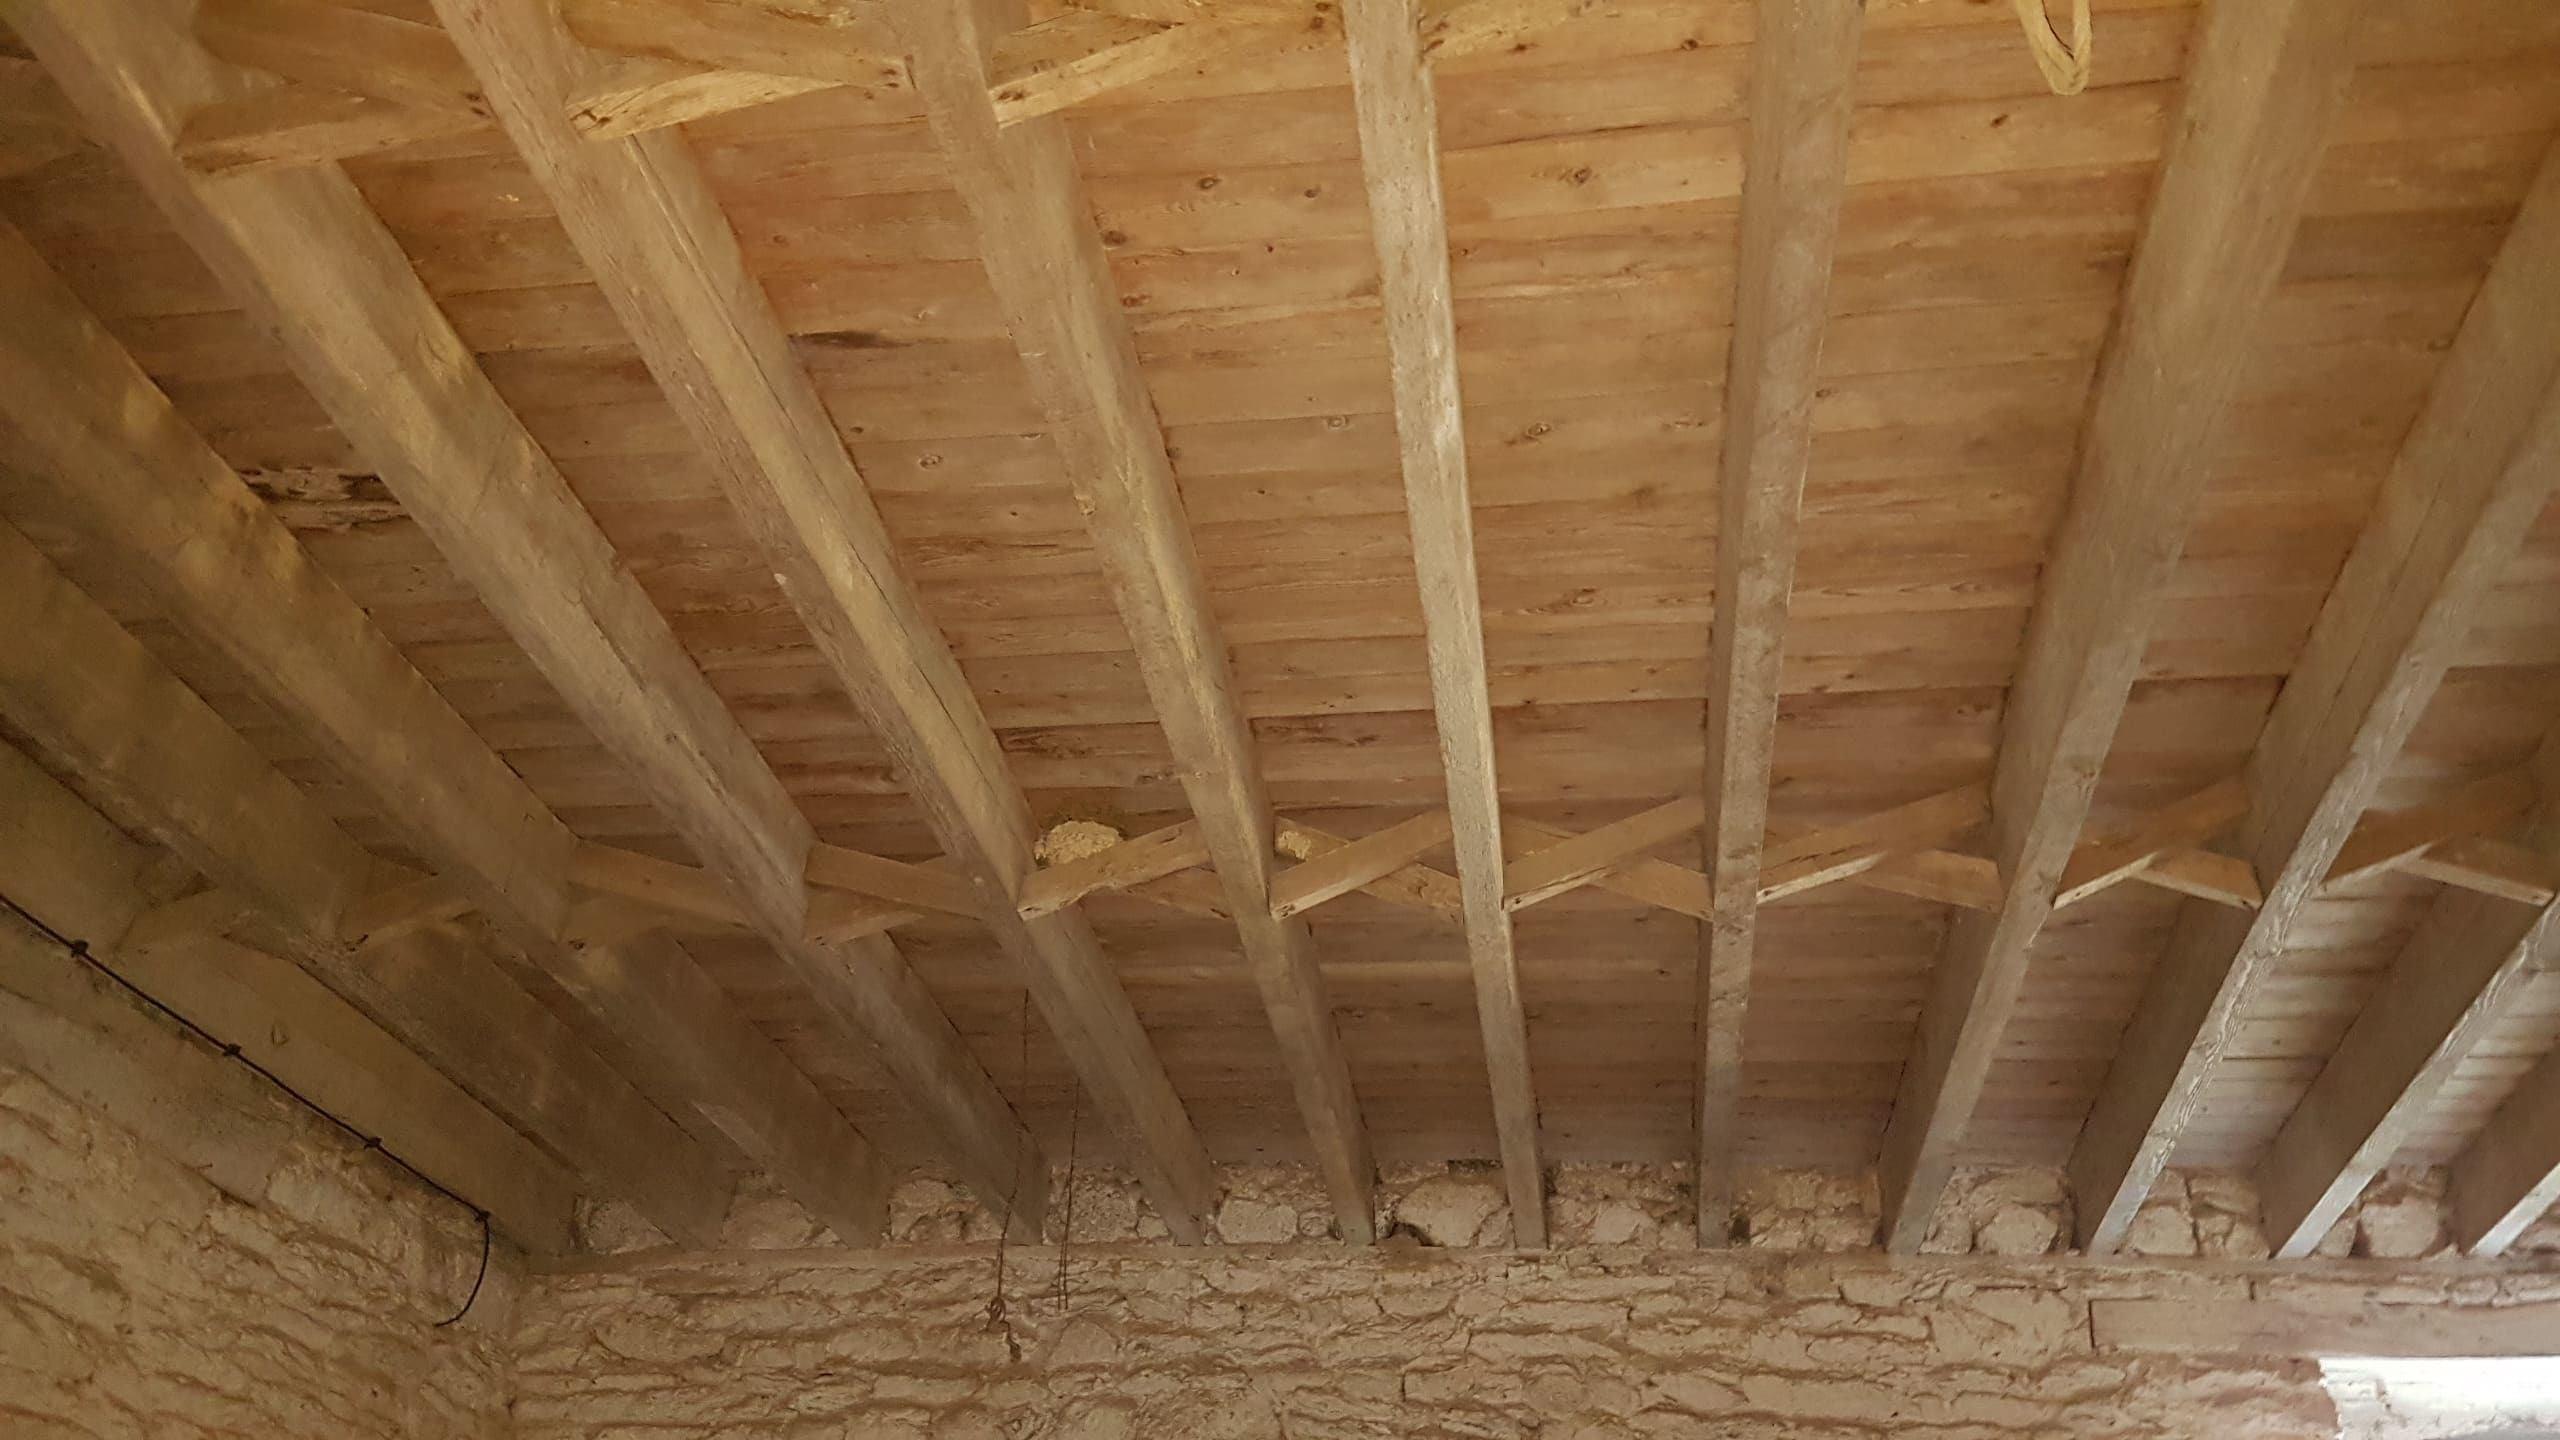 Changer Le Plancher D Une Maison rénovation de son plancher bois - cmarenov